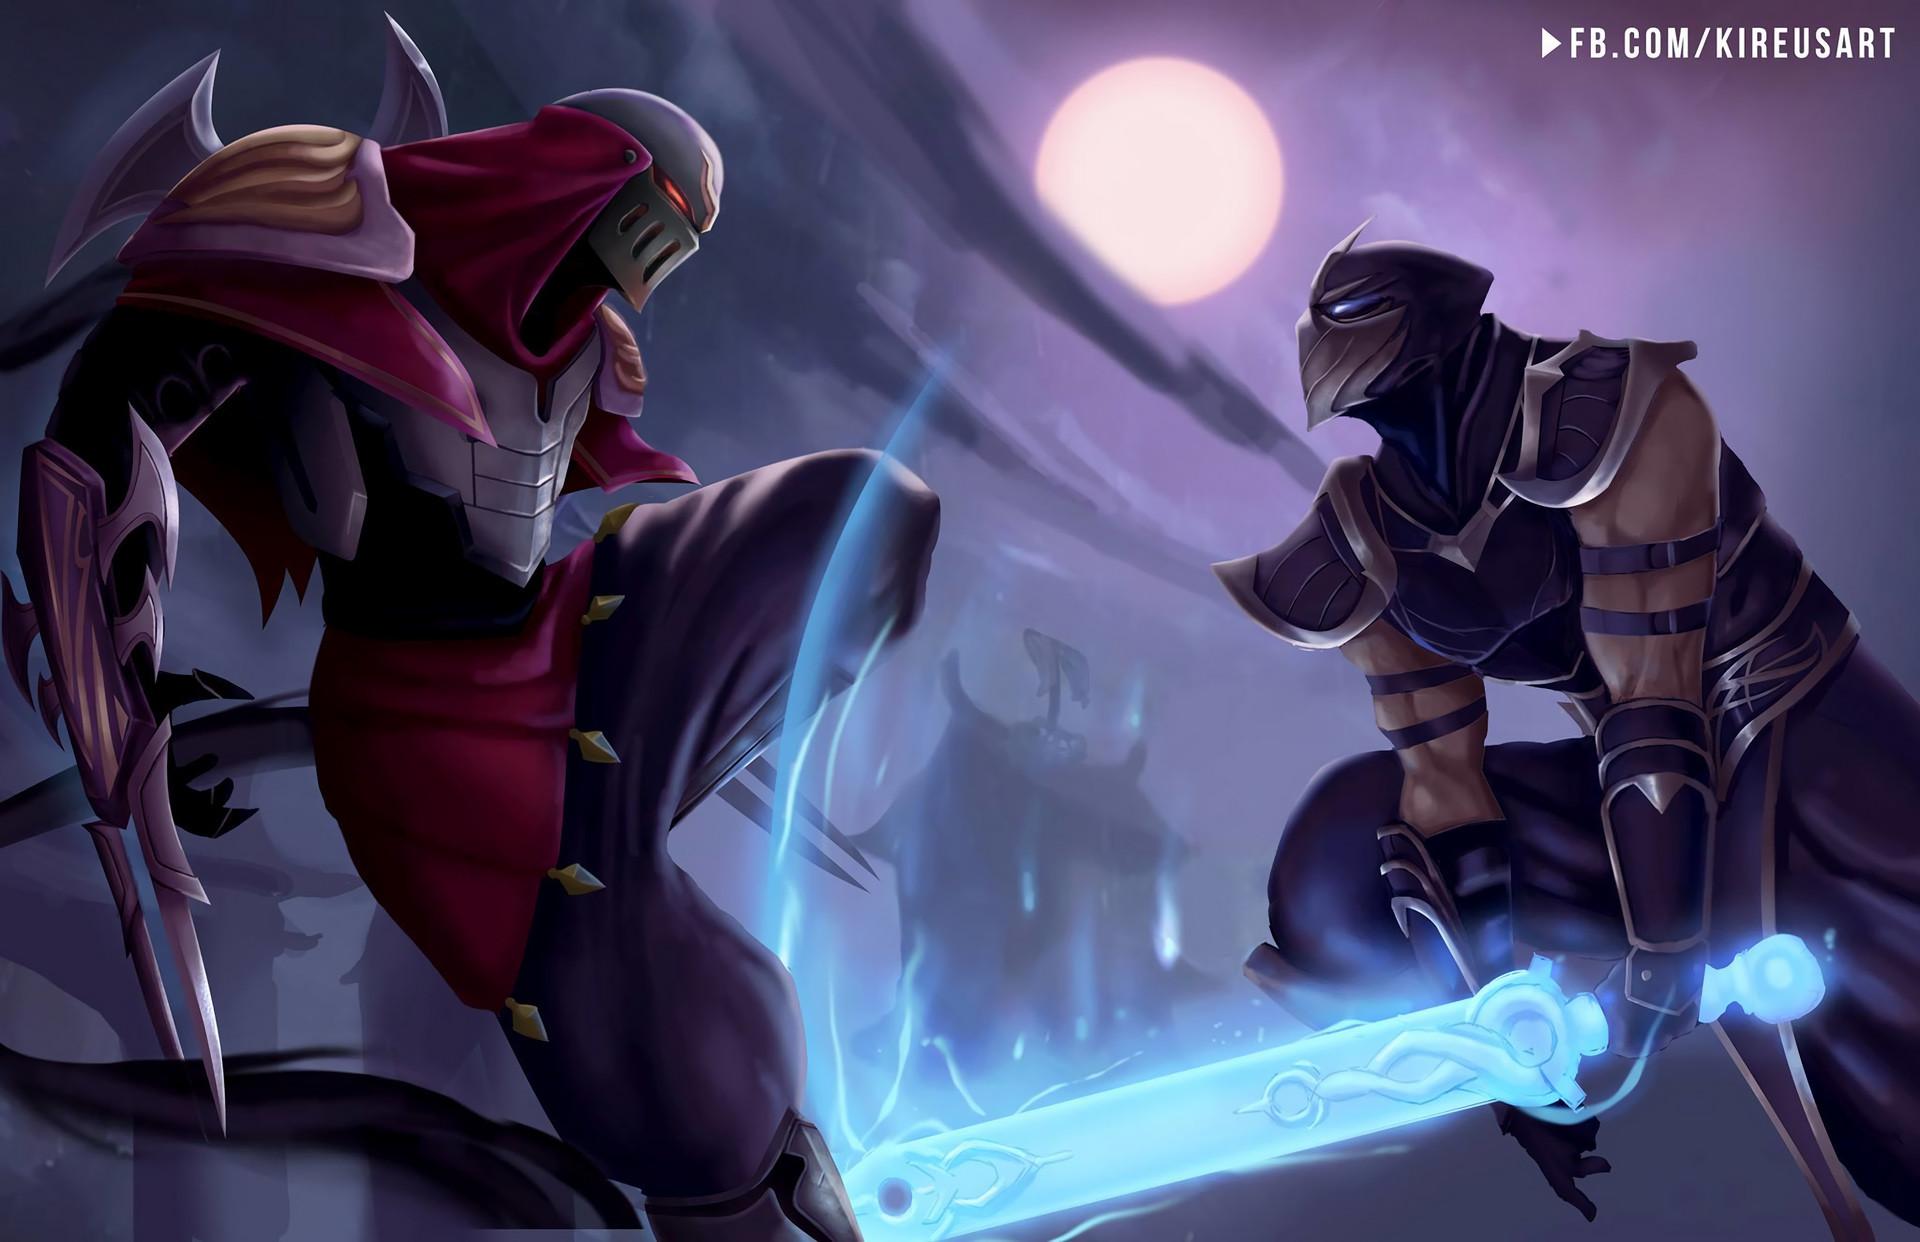 Res: 1920x1242, Shen Vs Zed by Kireusart HD Wallpaper Fan Art Artwork League of Legends lol